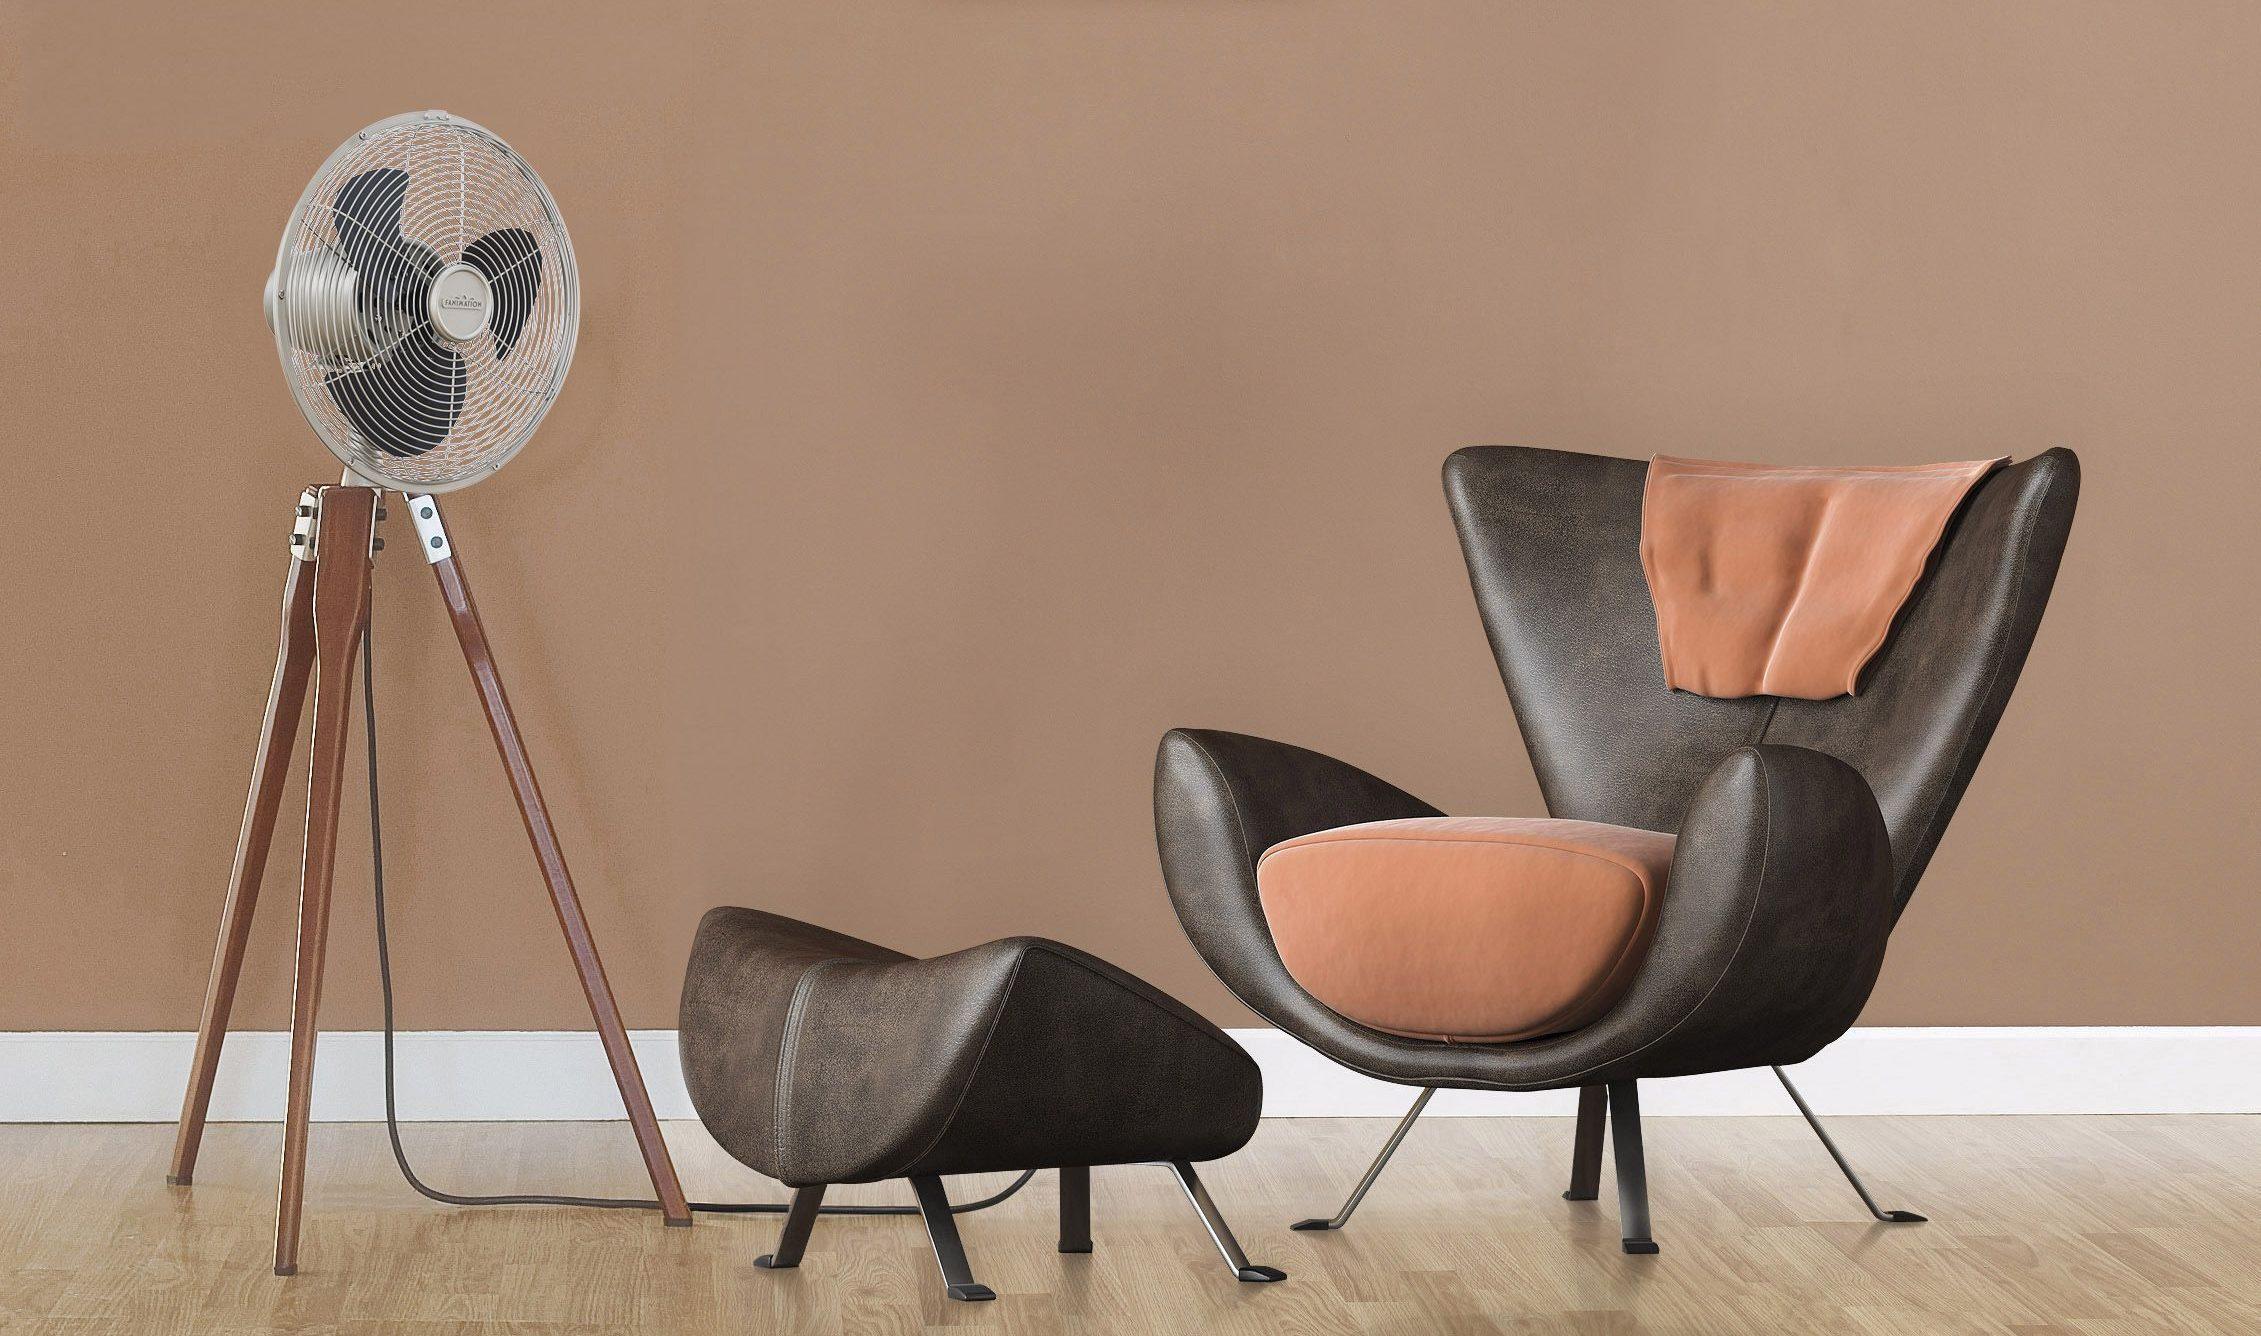 ventilateur design en bois silencieux fanimation, rafraichisseur d'air de luxe avec des pieds en bois massif